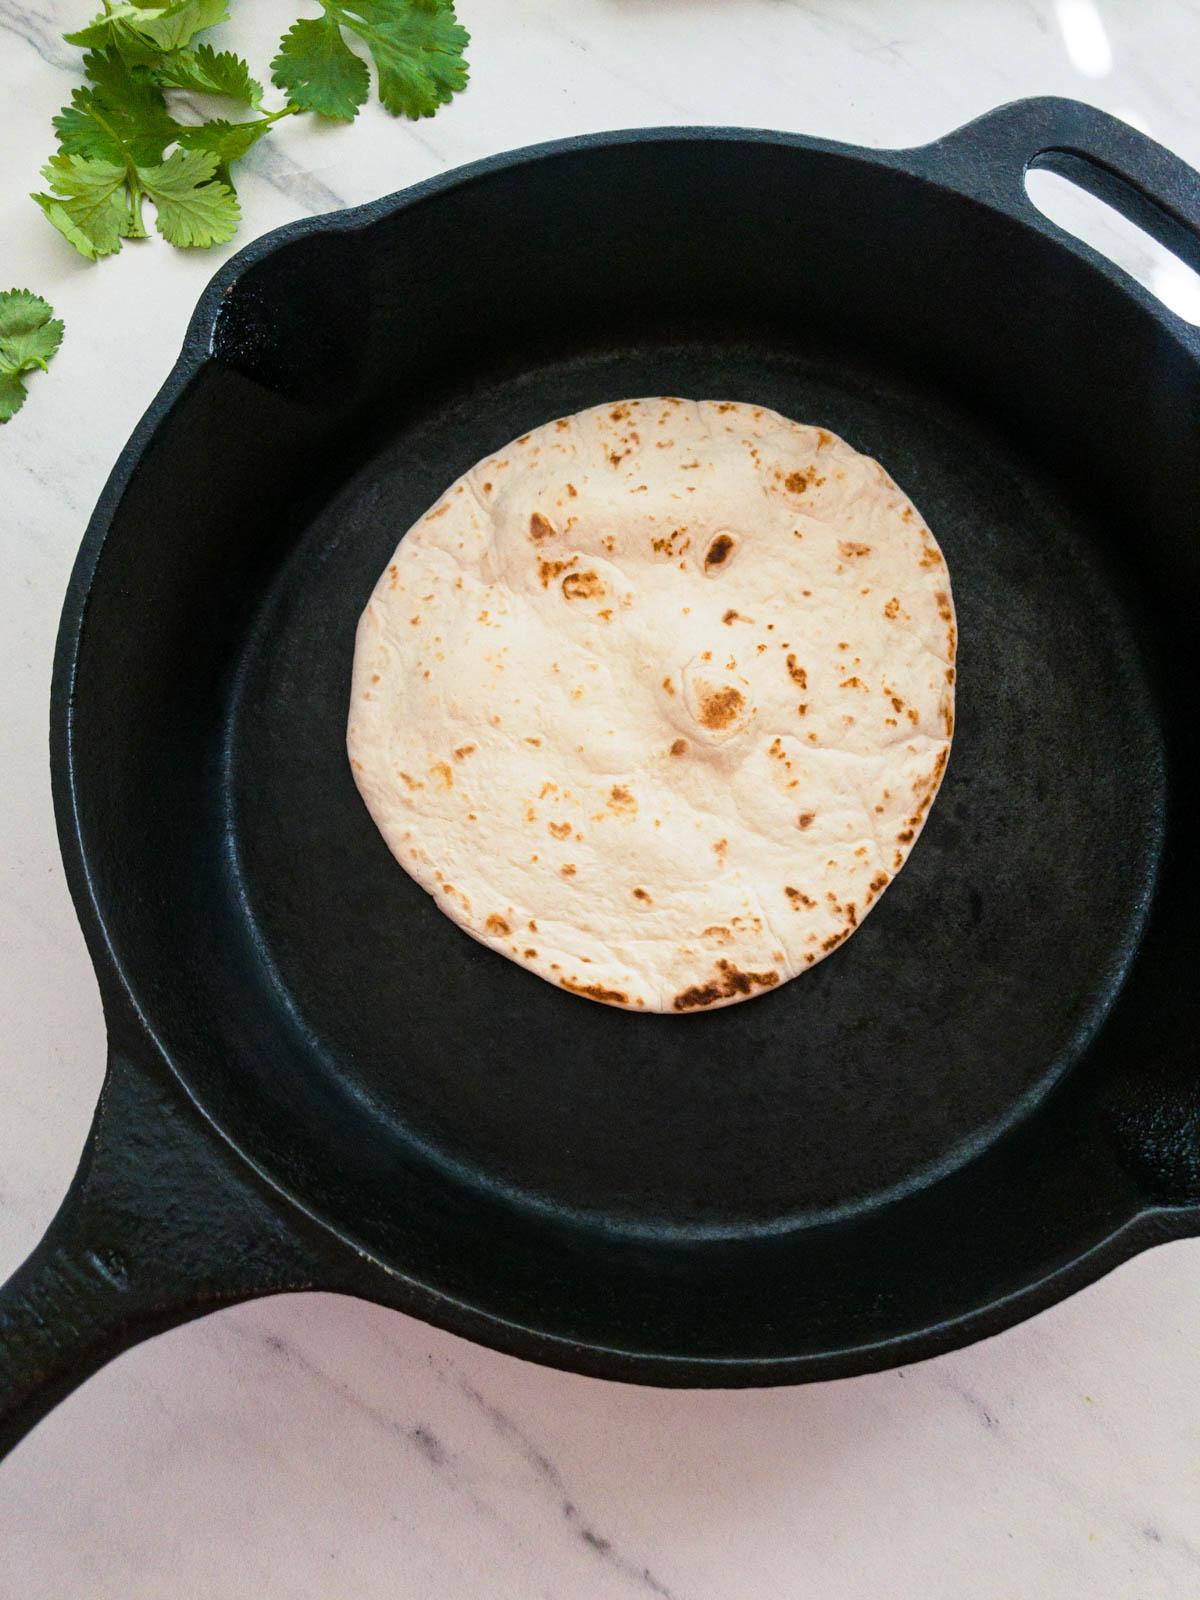 Tortilla in a cast iron pan